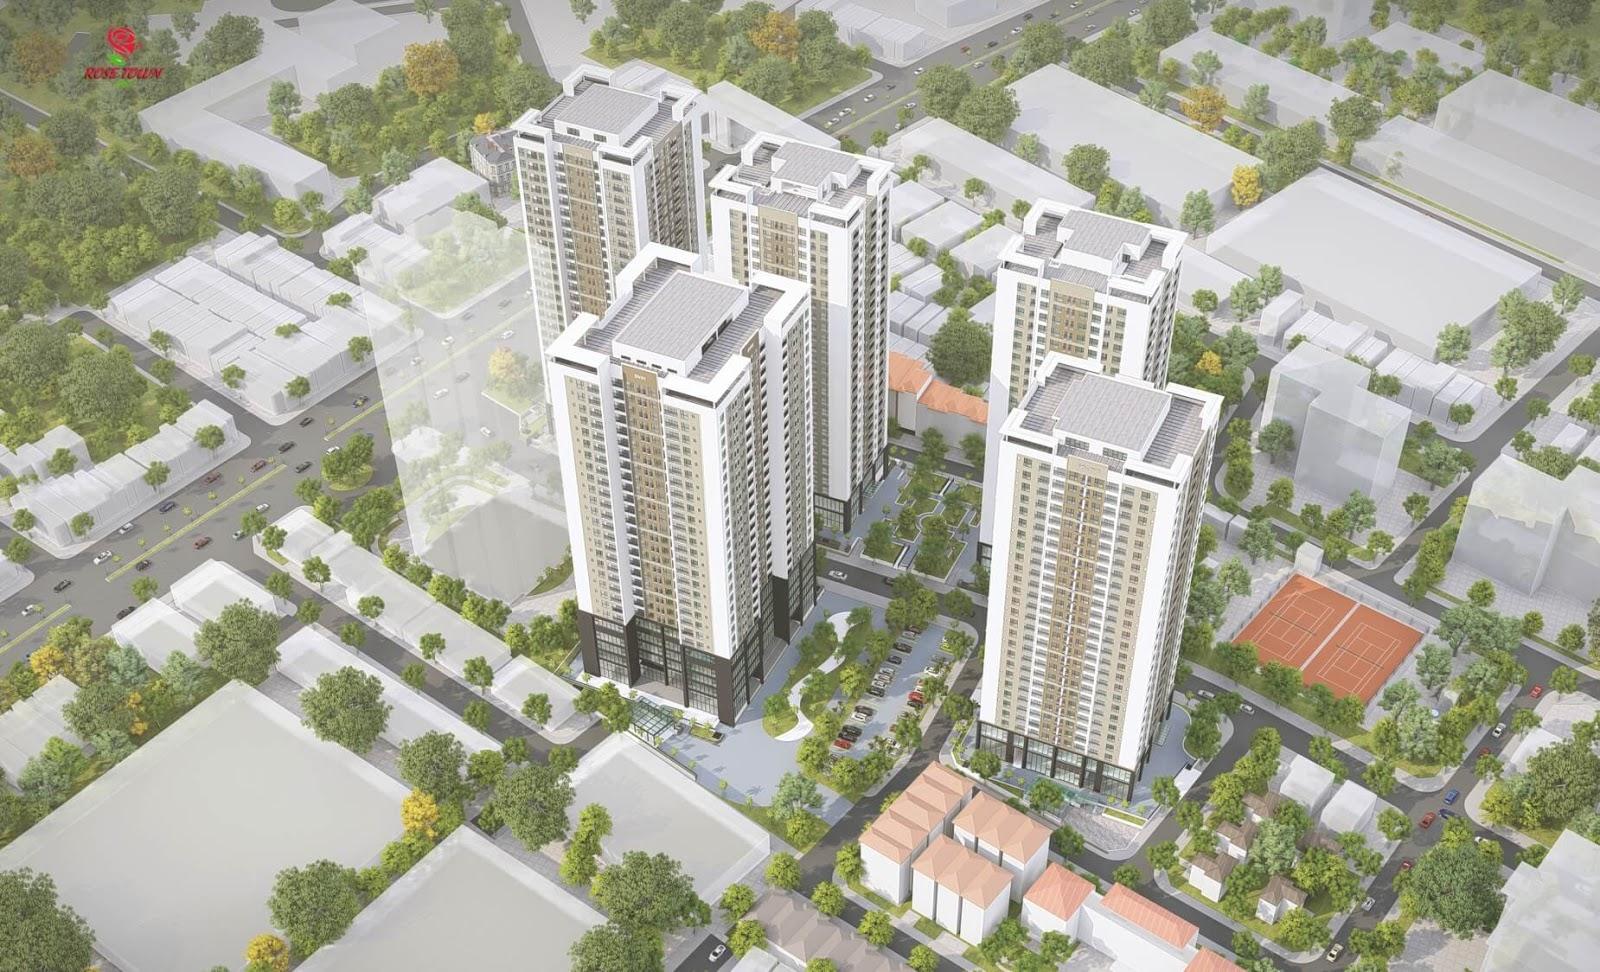 Xuân Mai ra mắt chính thức khu căn hộ Rose Town Ngọc Hồi